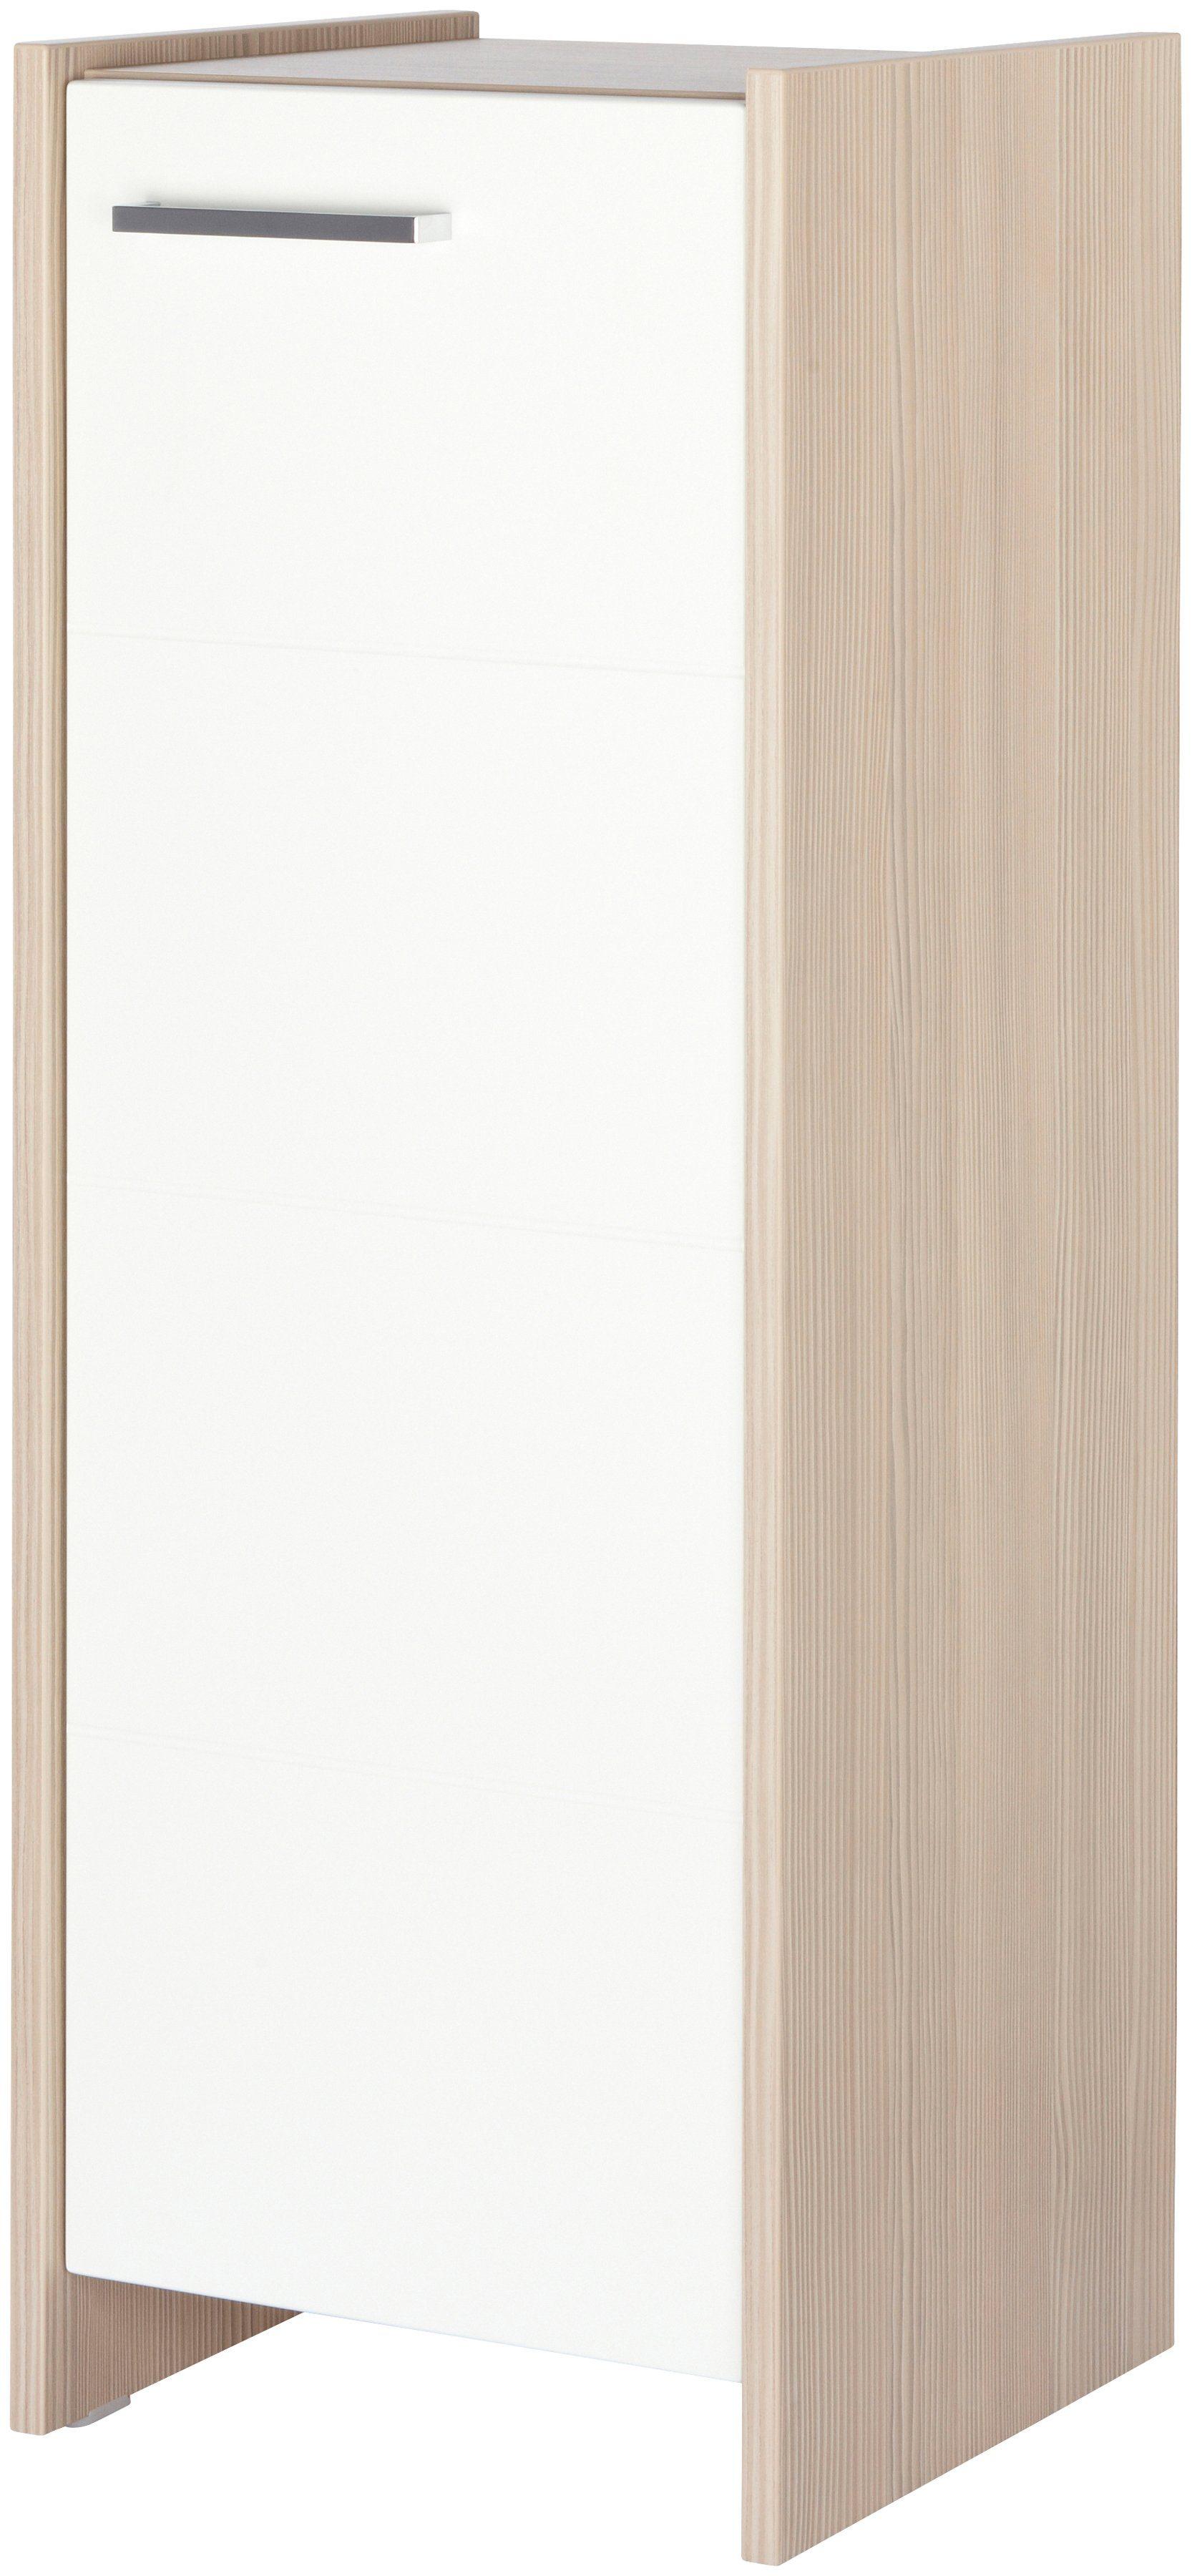 FACKELMANN Badunterschrank »Kayo«, Breite 33,5 cm